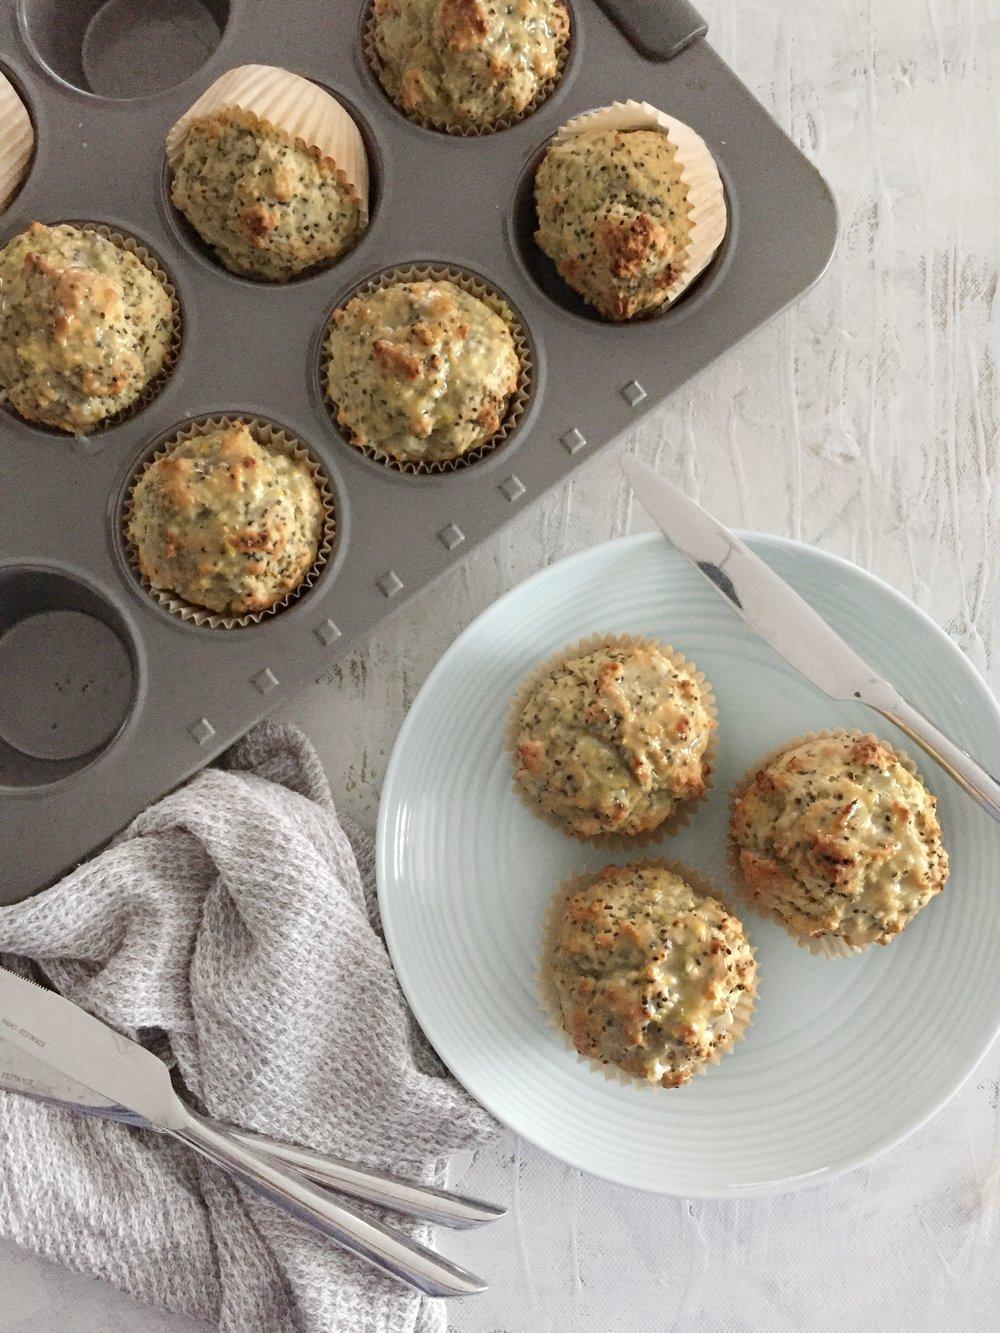 muffins2.jpeg